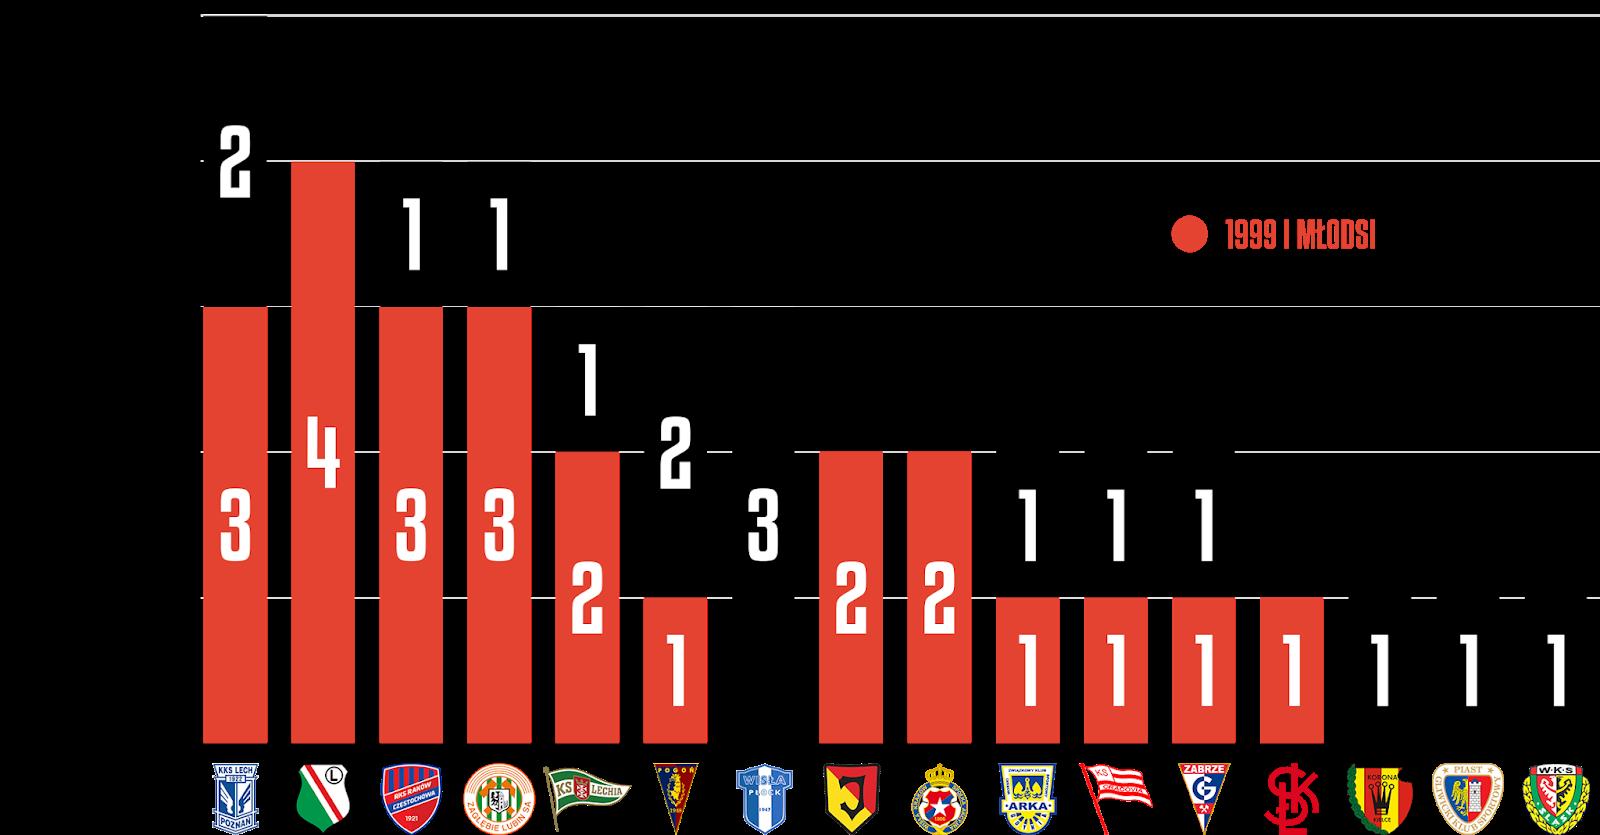 Młodzieżowcy w 20. kolejce PKO Ekstraklasy<br><br>Źródło: Opracowanie własne na podstawie ekstrastats.pl<br><br>graf. Bartosz Urban